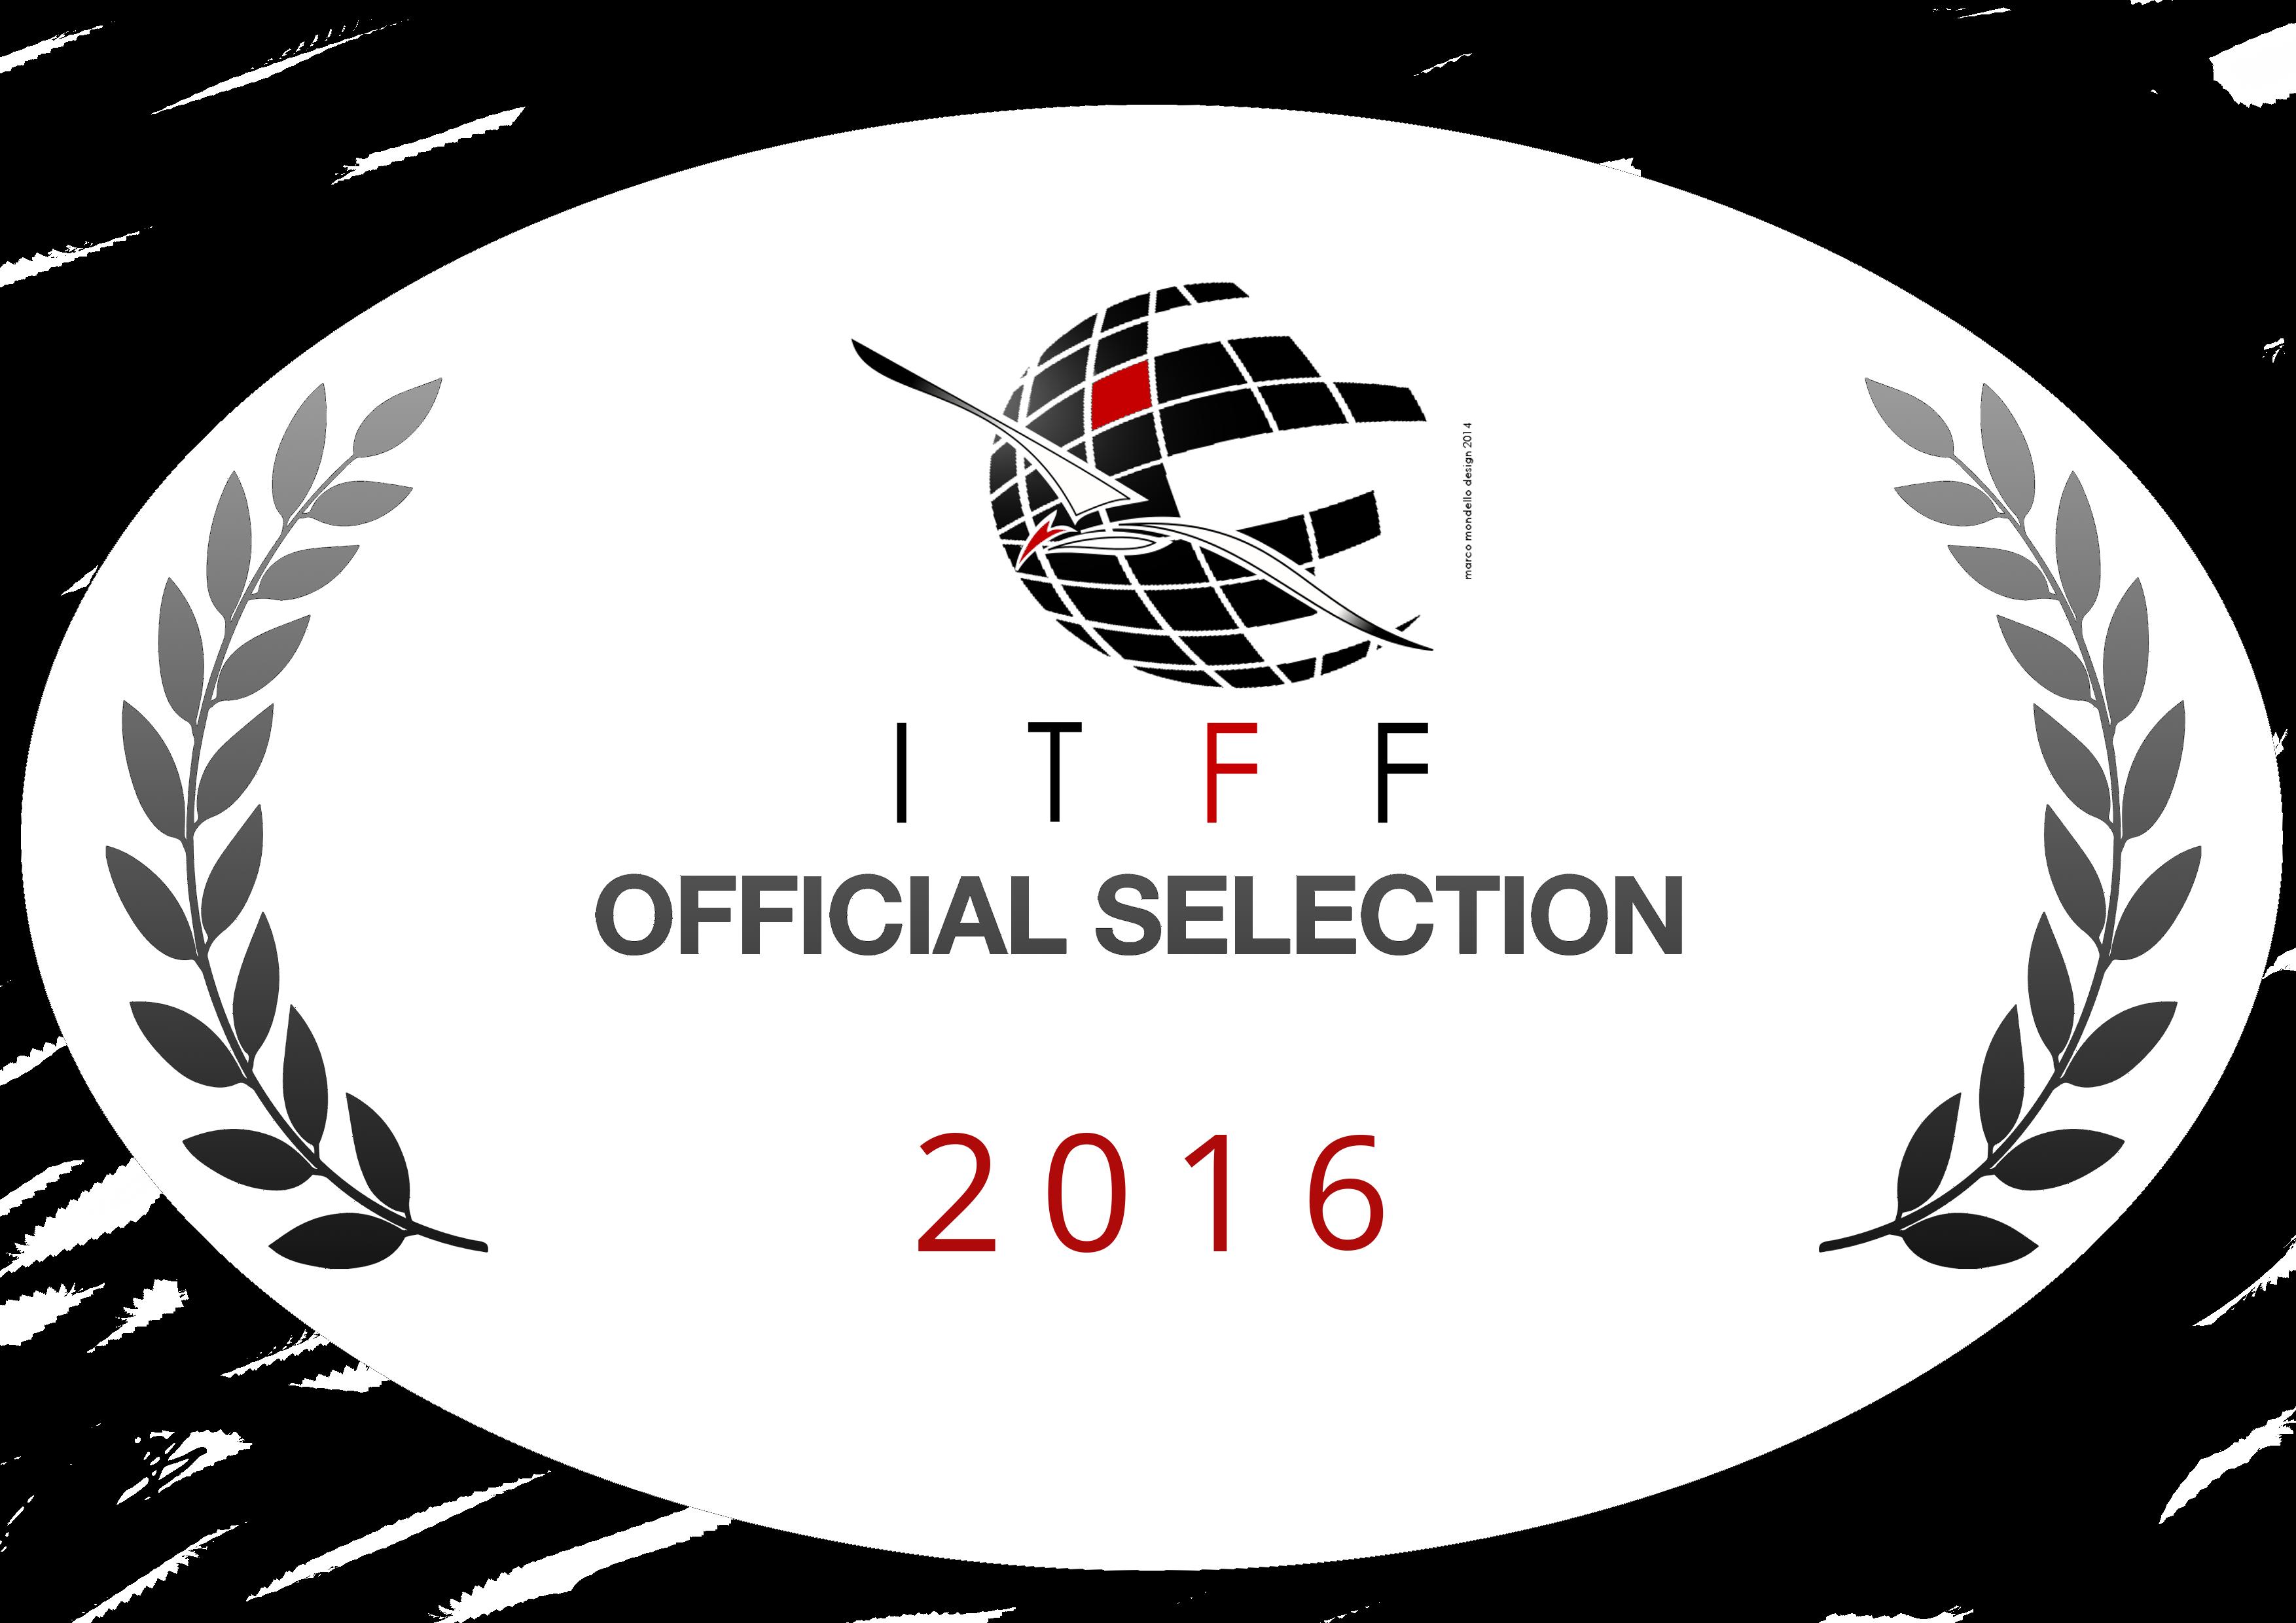 ITFF 2016